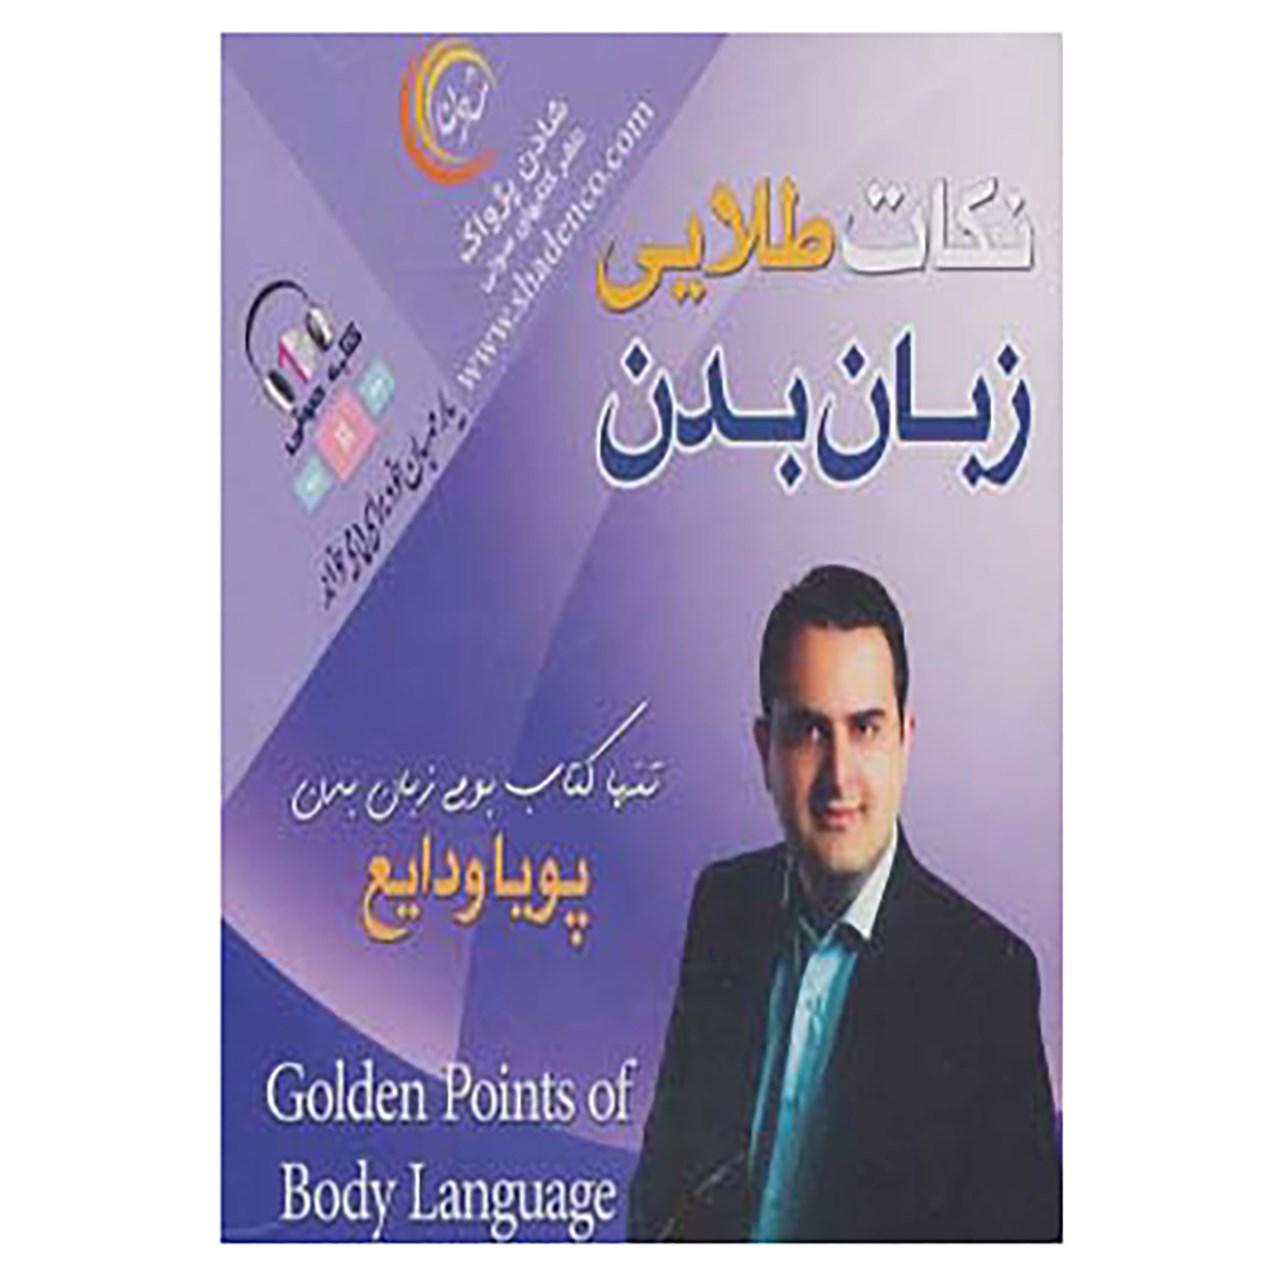 کتاب کتاب سخنگو نکات طلایی زبان بدن اثر پویا ودایع